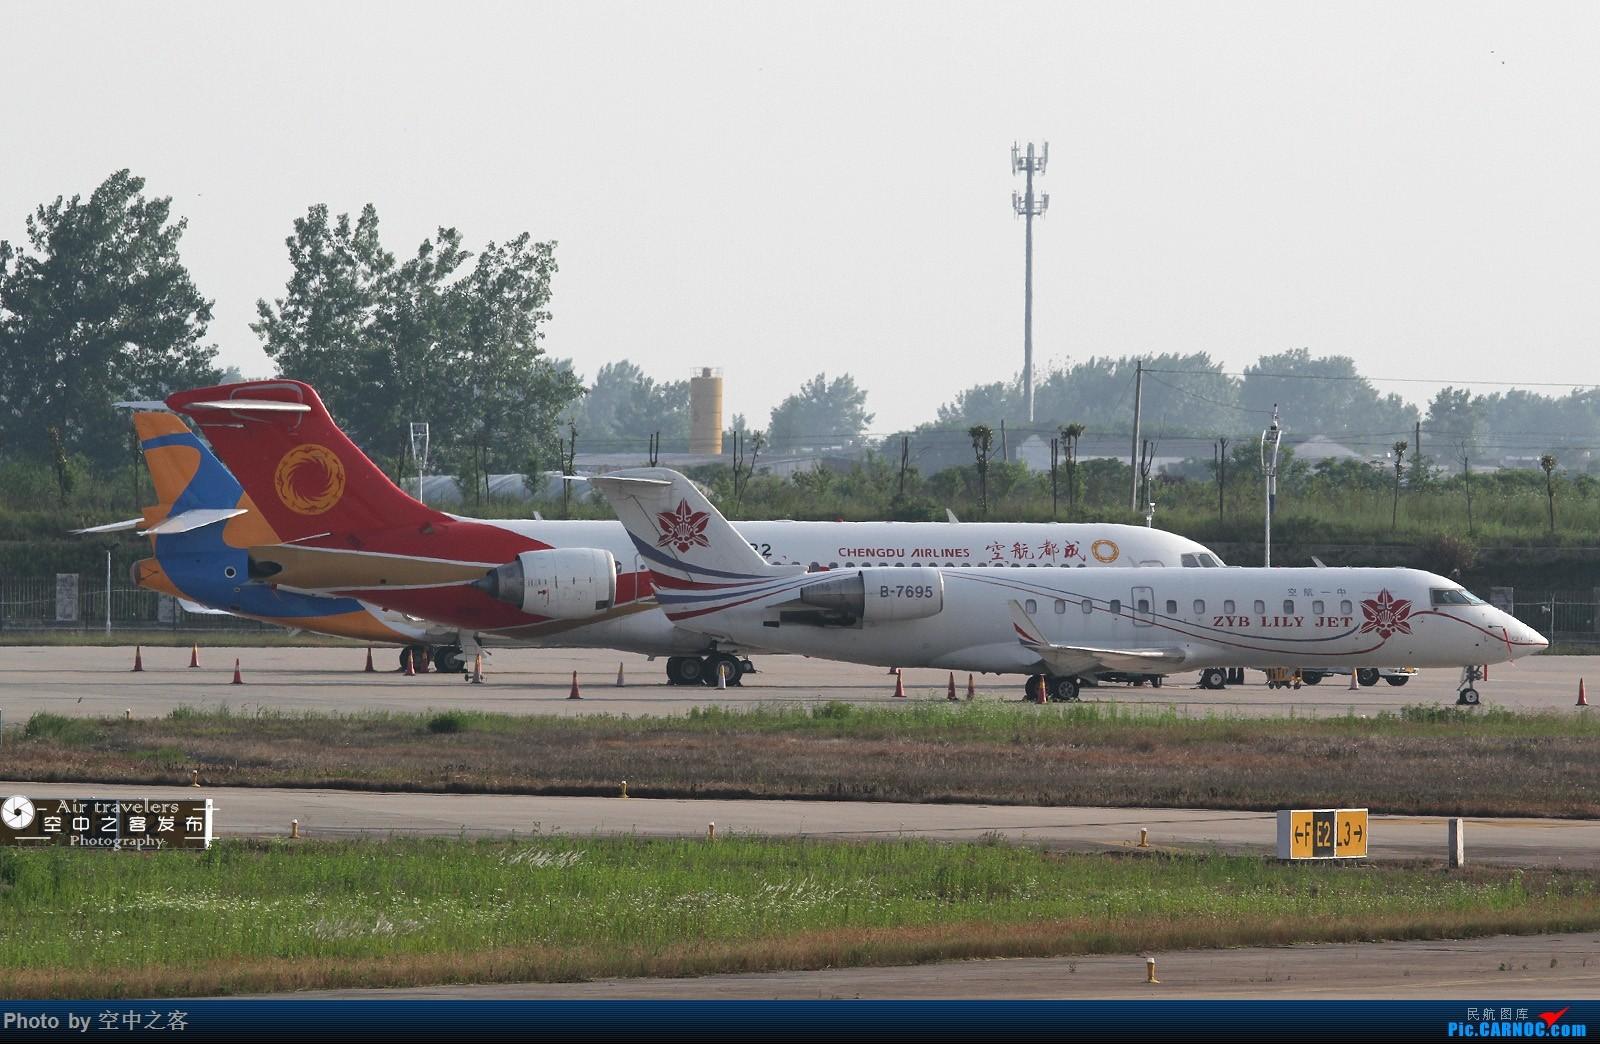 Re:[原创][合肥飞友会-霸都打机队 空中之客发布]@可口可乐 我发图啦! BOMBARDIER CRJ200ER B-7695 合肥新桥国际机场